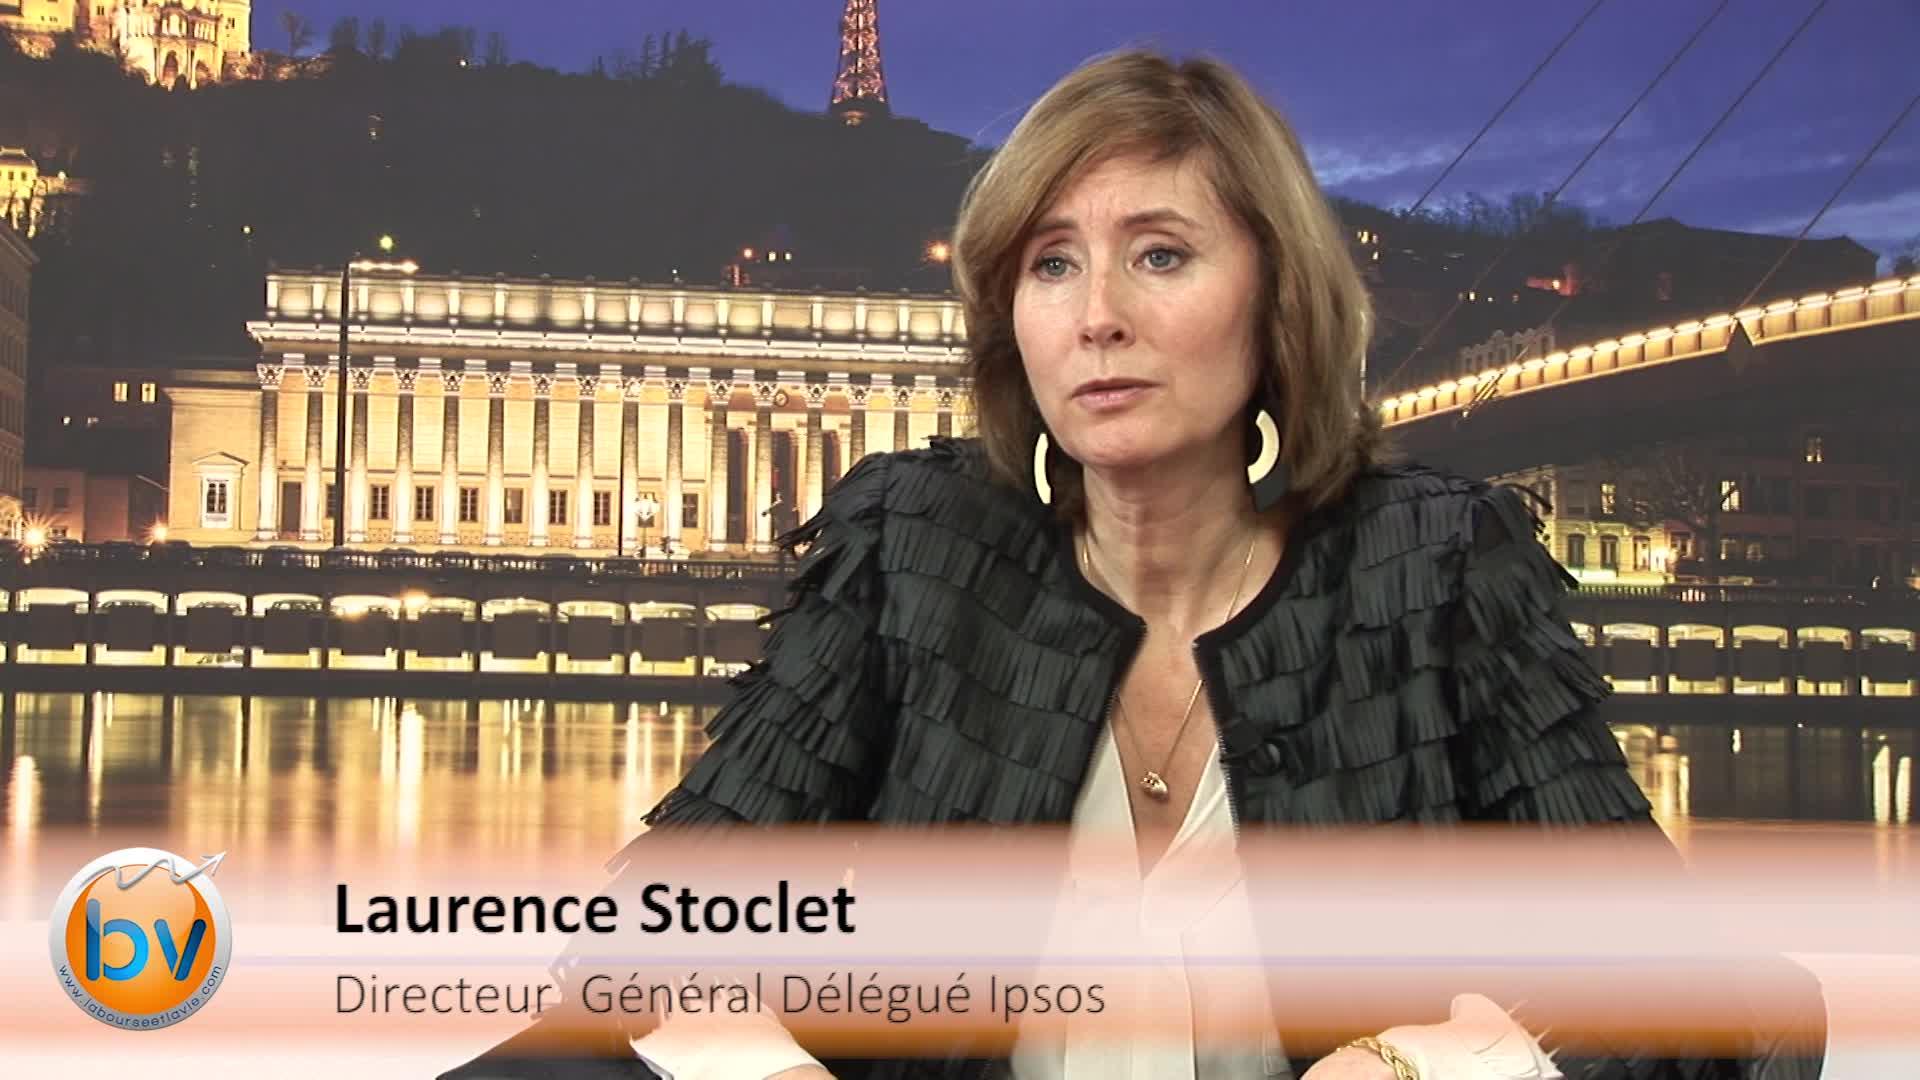 Laurence Stoclet Directeur Général Délégué Ipsos : «Des objectifs de croissance pour 2016»